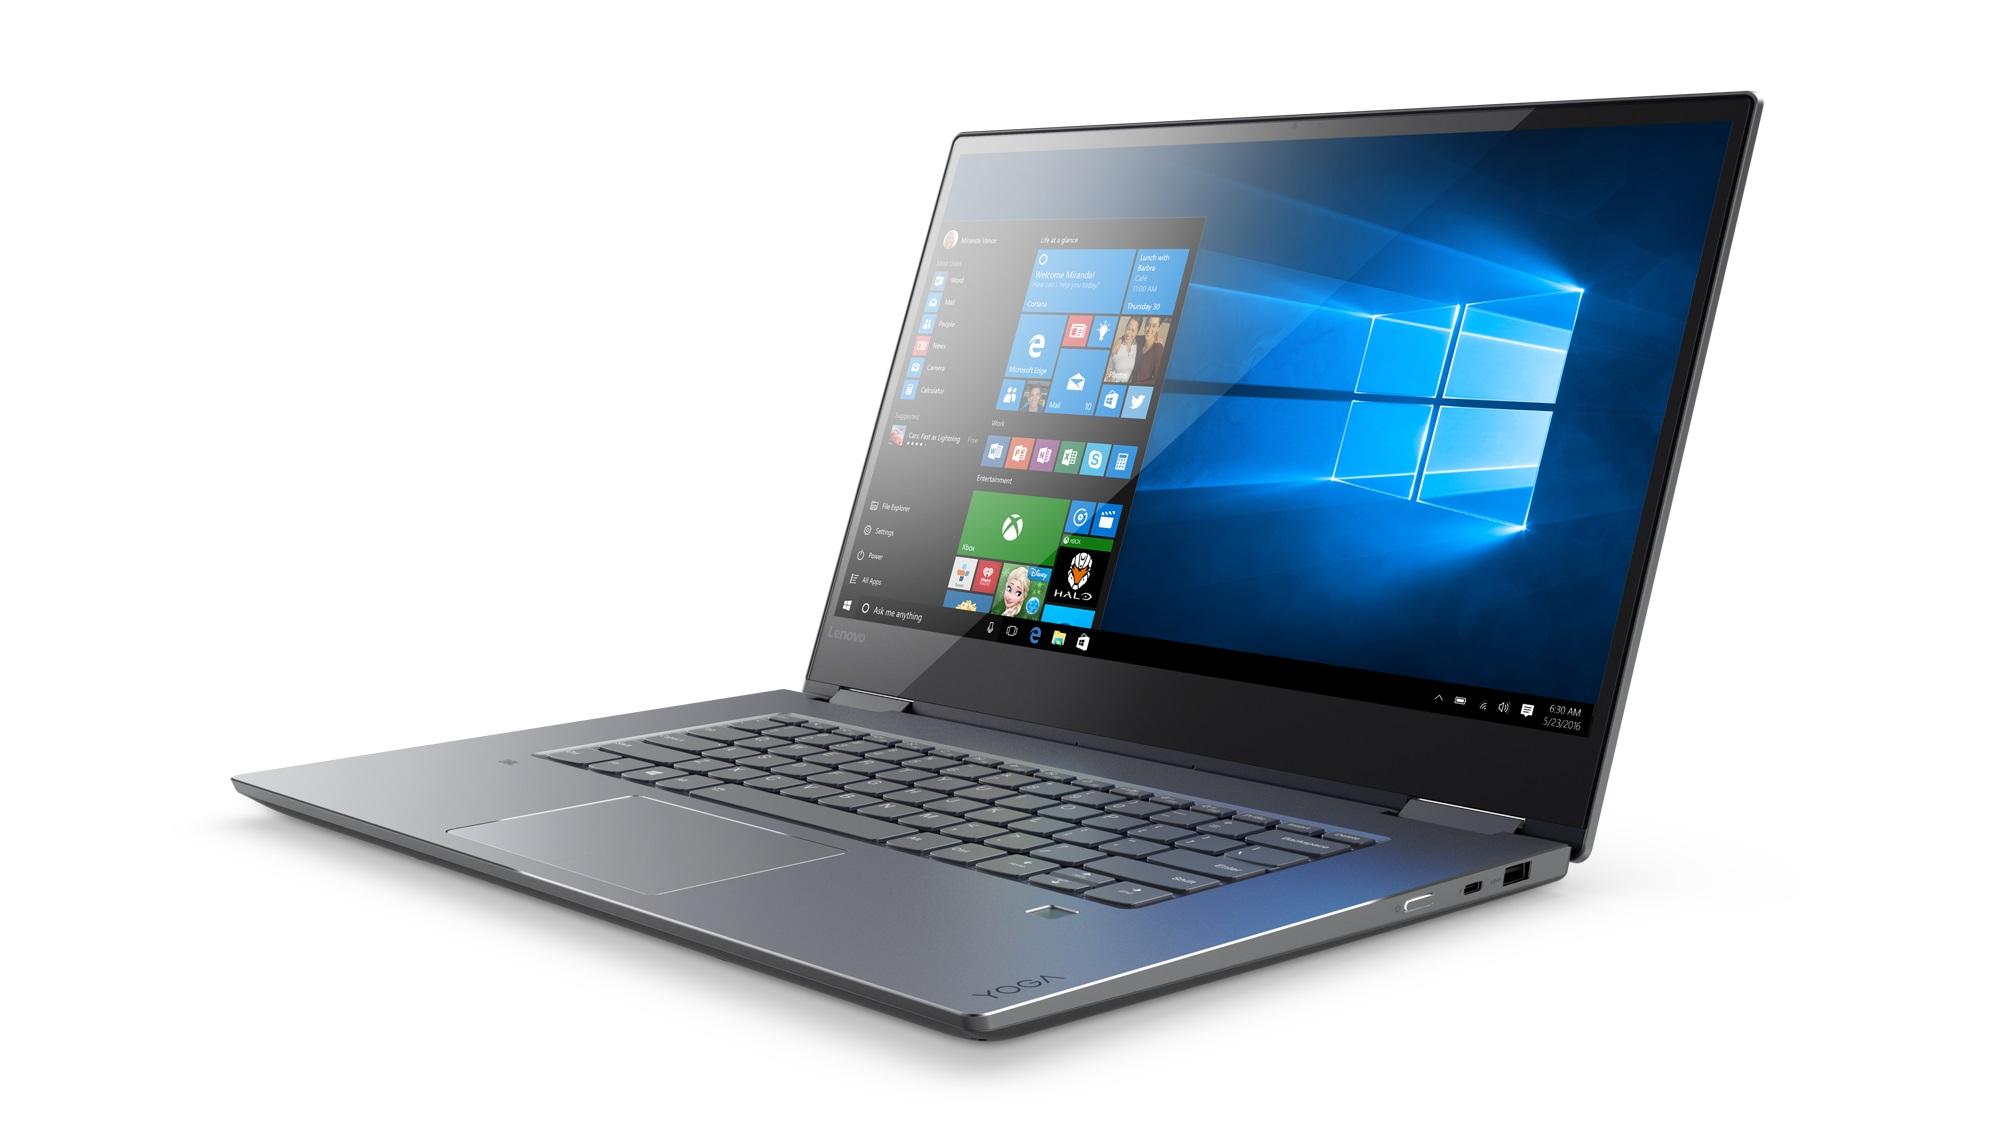 Lenovo Yoga 720 15.6 FHD IPS AG TOUCH/I7-7700HQ/512G M.2/12G/GTX 1050 2G/W10 PRO šedý